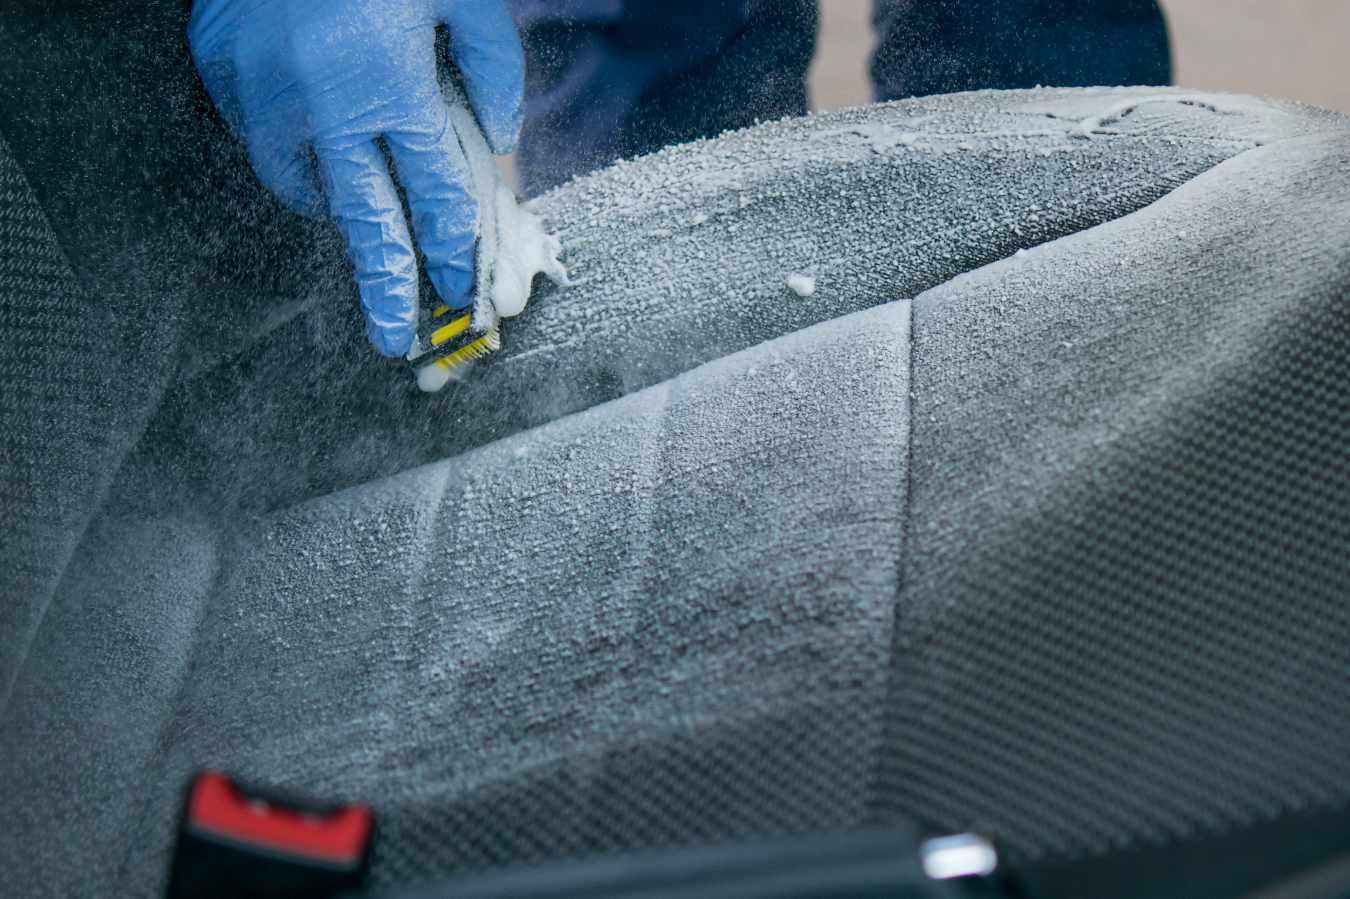 Pranie tapicerki samochodowej – jak to zrobić samemu? Czy warto oddać auto do profesjonalnego prania tapicerki?